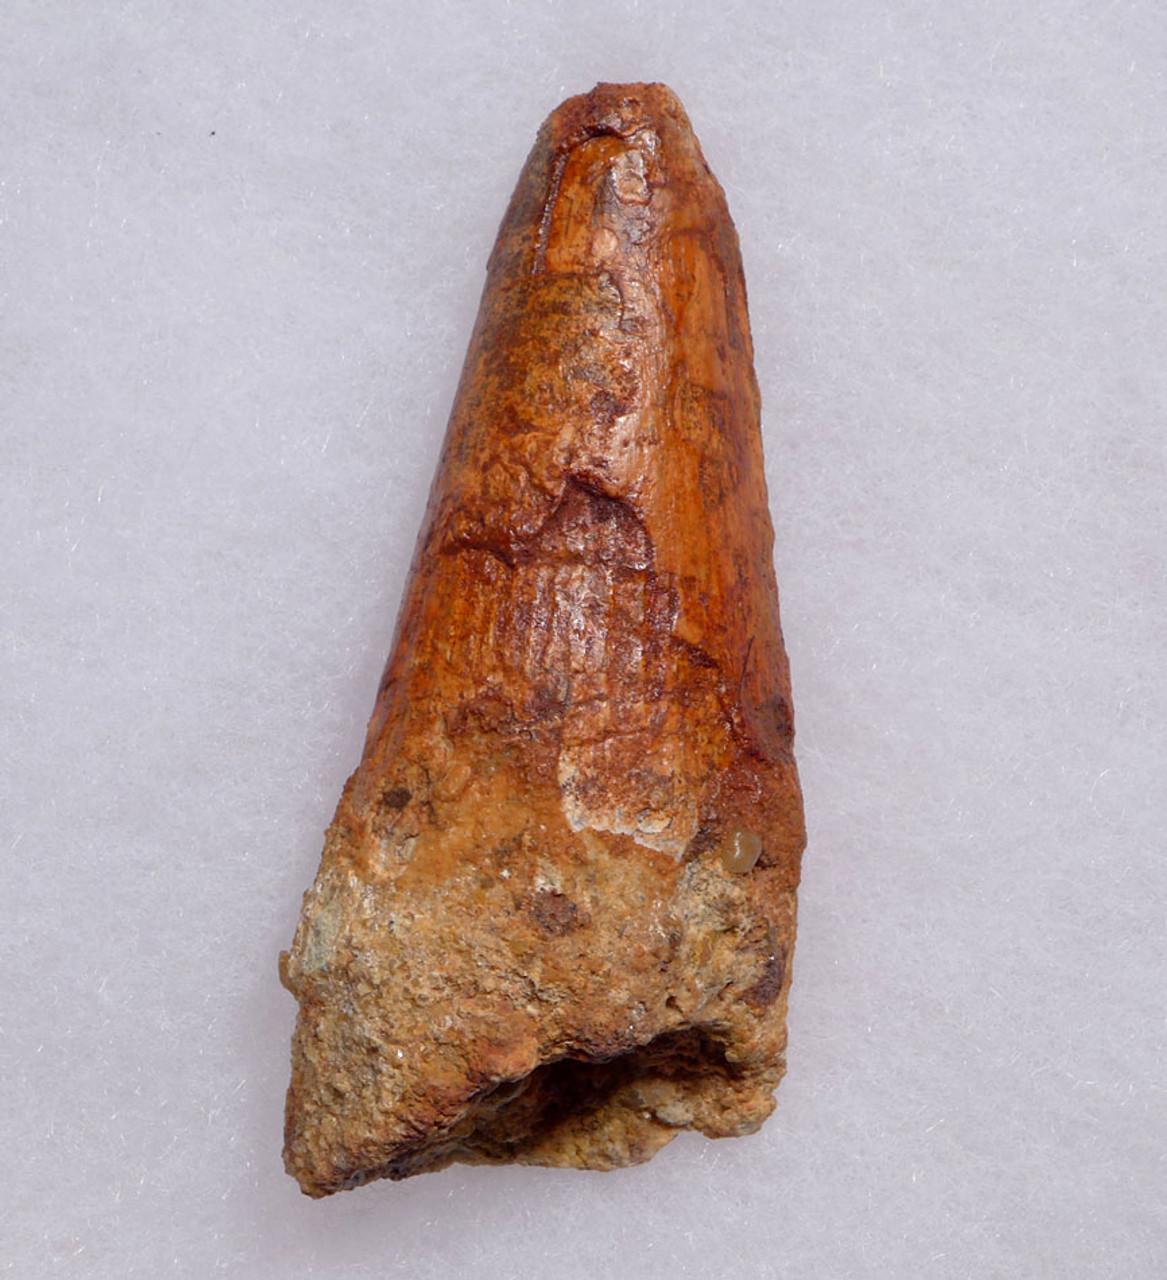 ROBUST UNBROKEN FOSSIL DINOSAUR SPINOSAURUS 3 INCH TOOTH *DT5-488